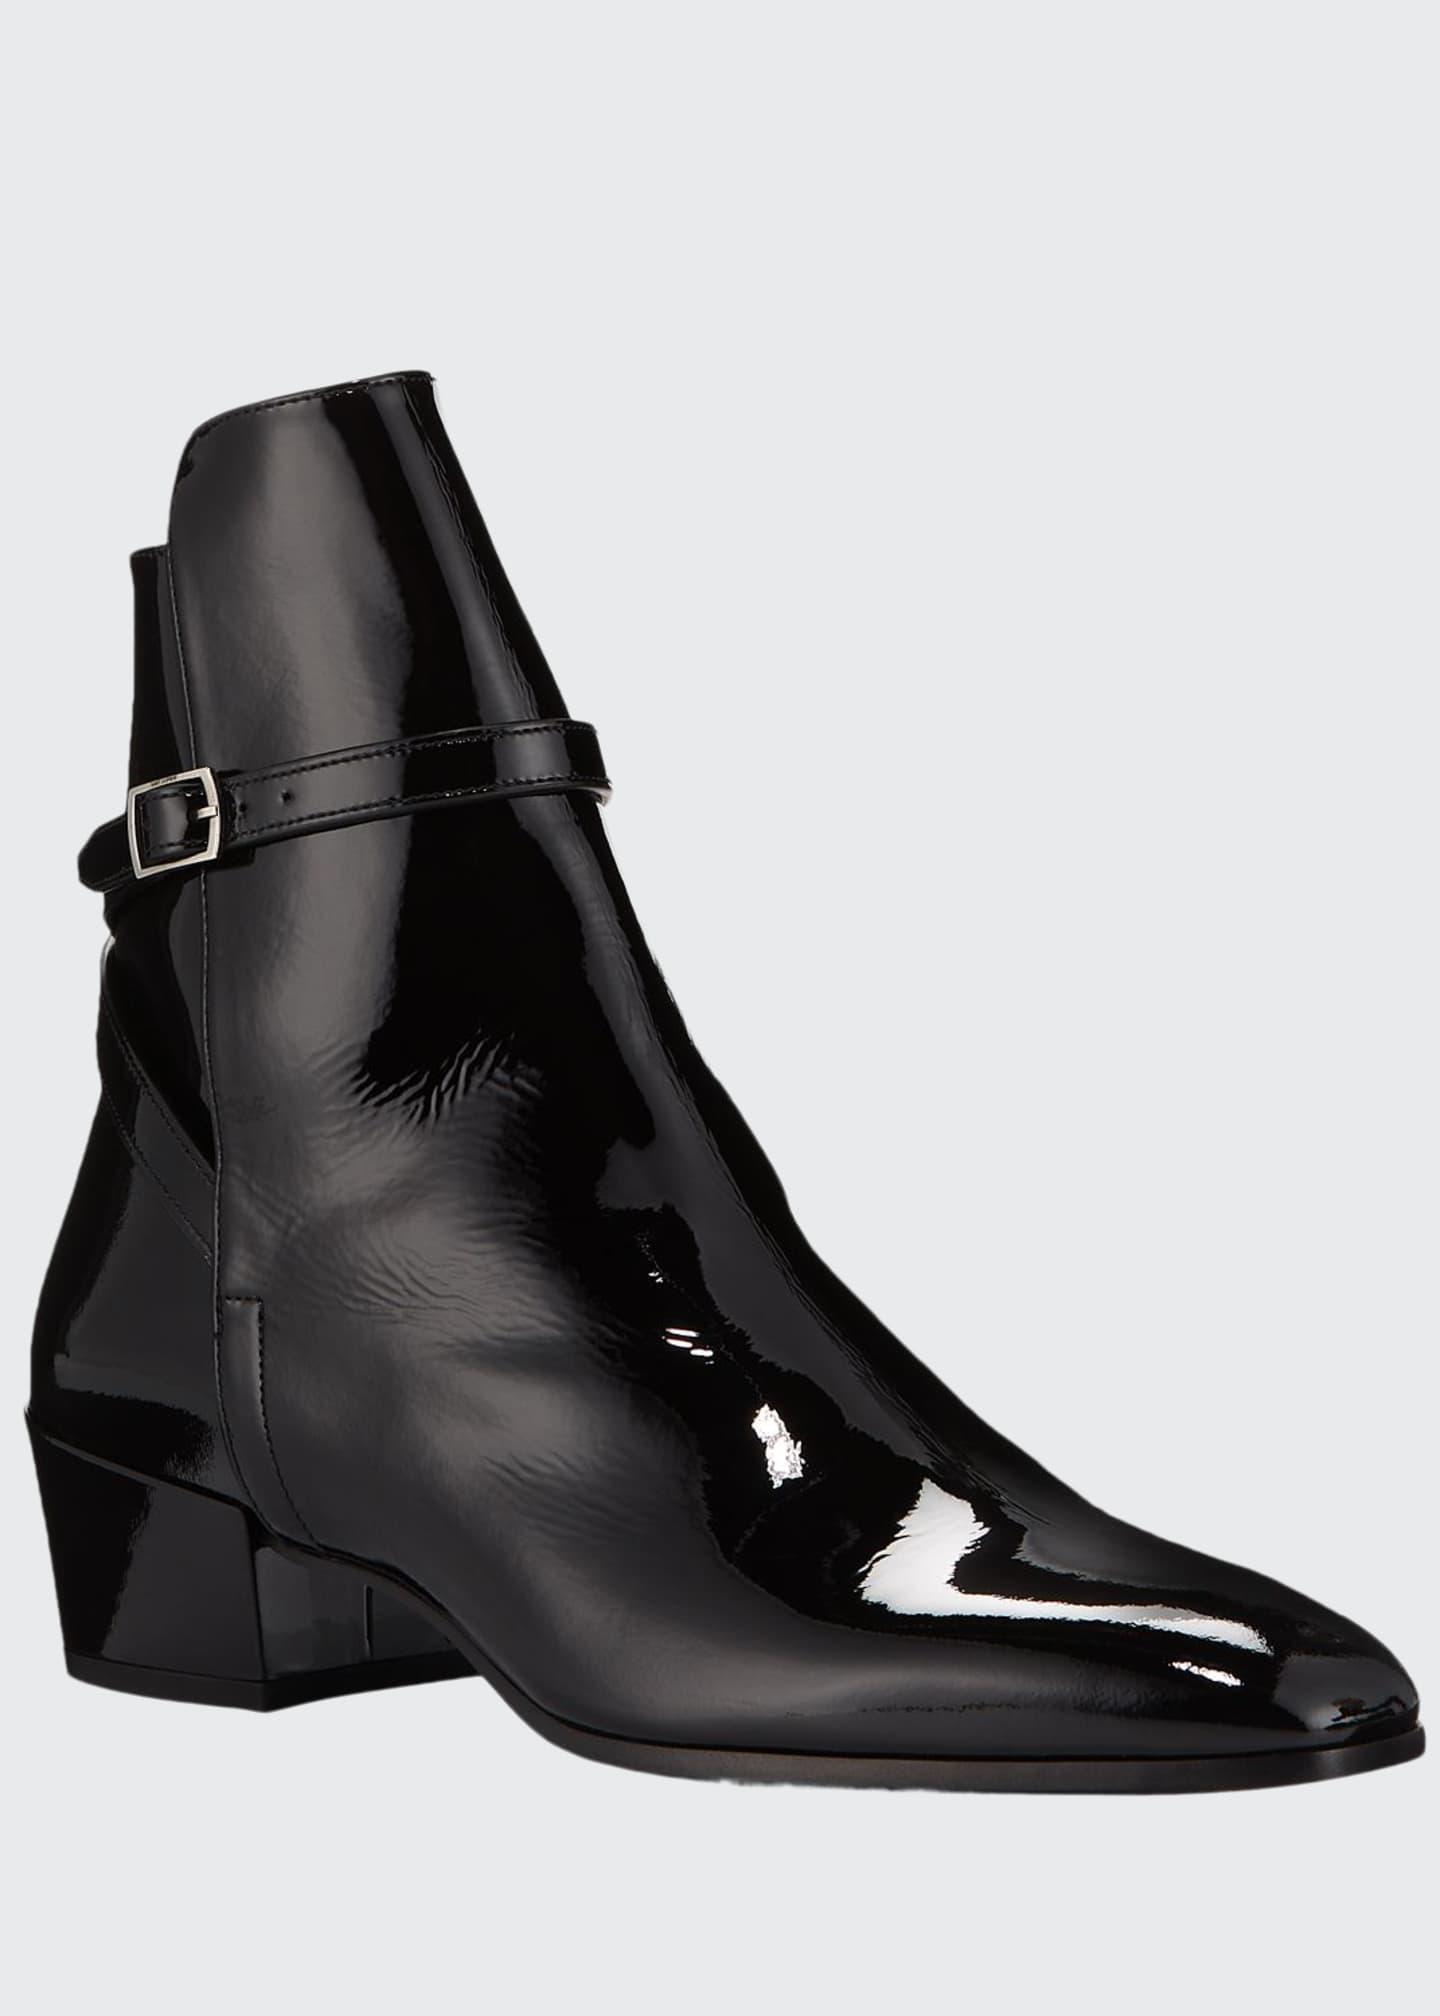 Saint Laurent Men's Clementi 40 Buckle-Strap Patent Leather